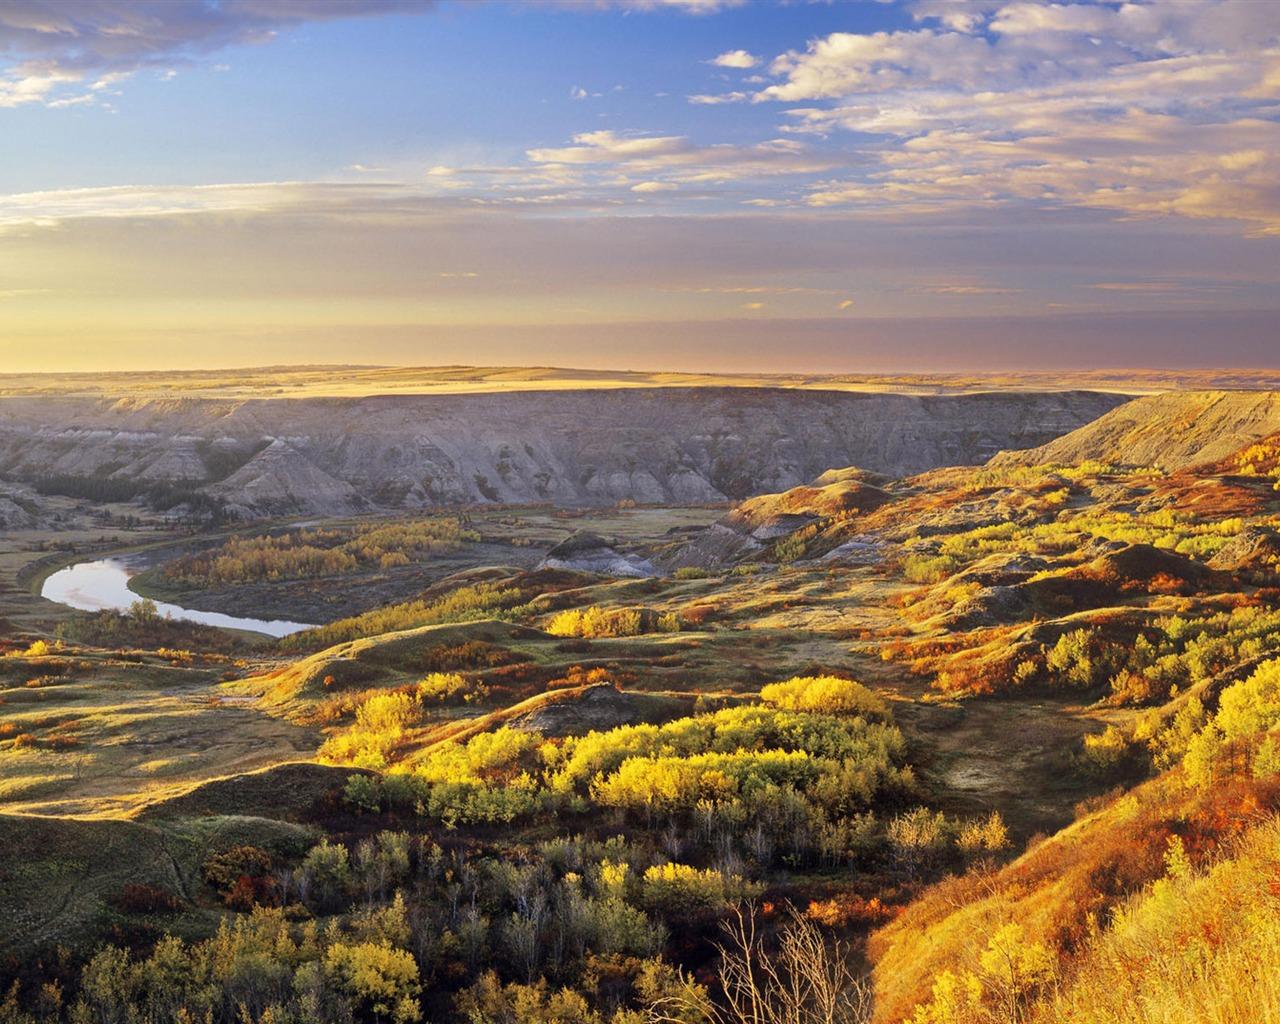 Kanadischen landschaft hd wallpaper (2) #5 - 1280x1024